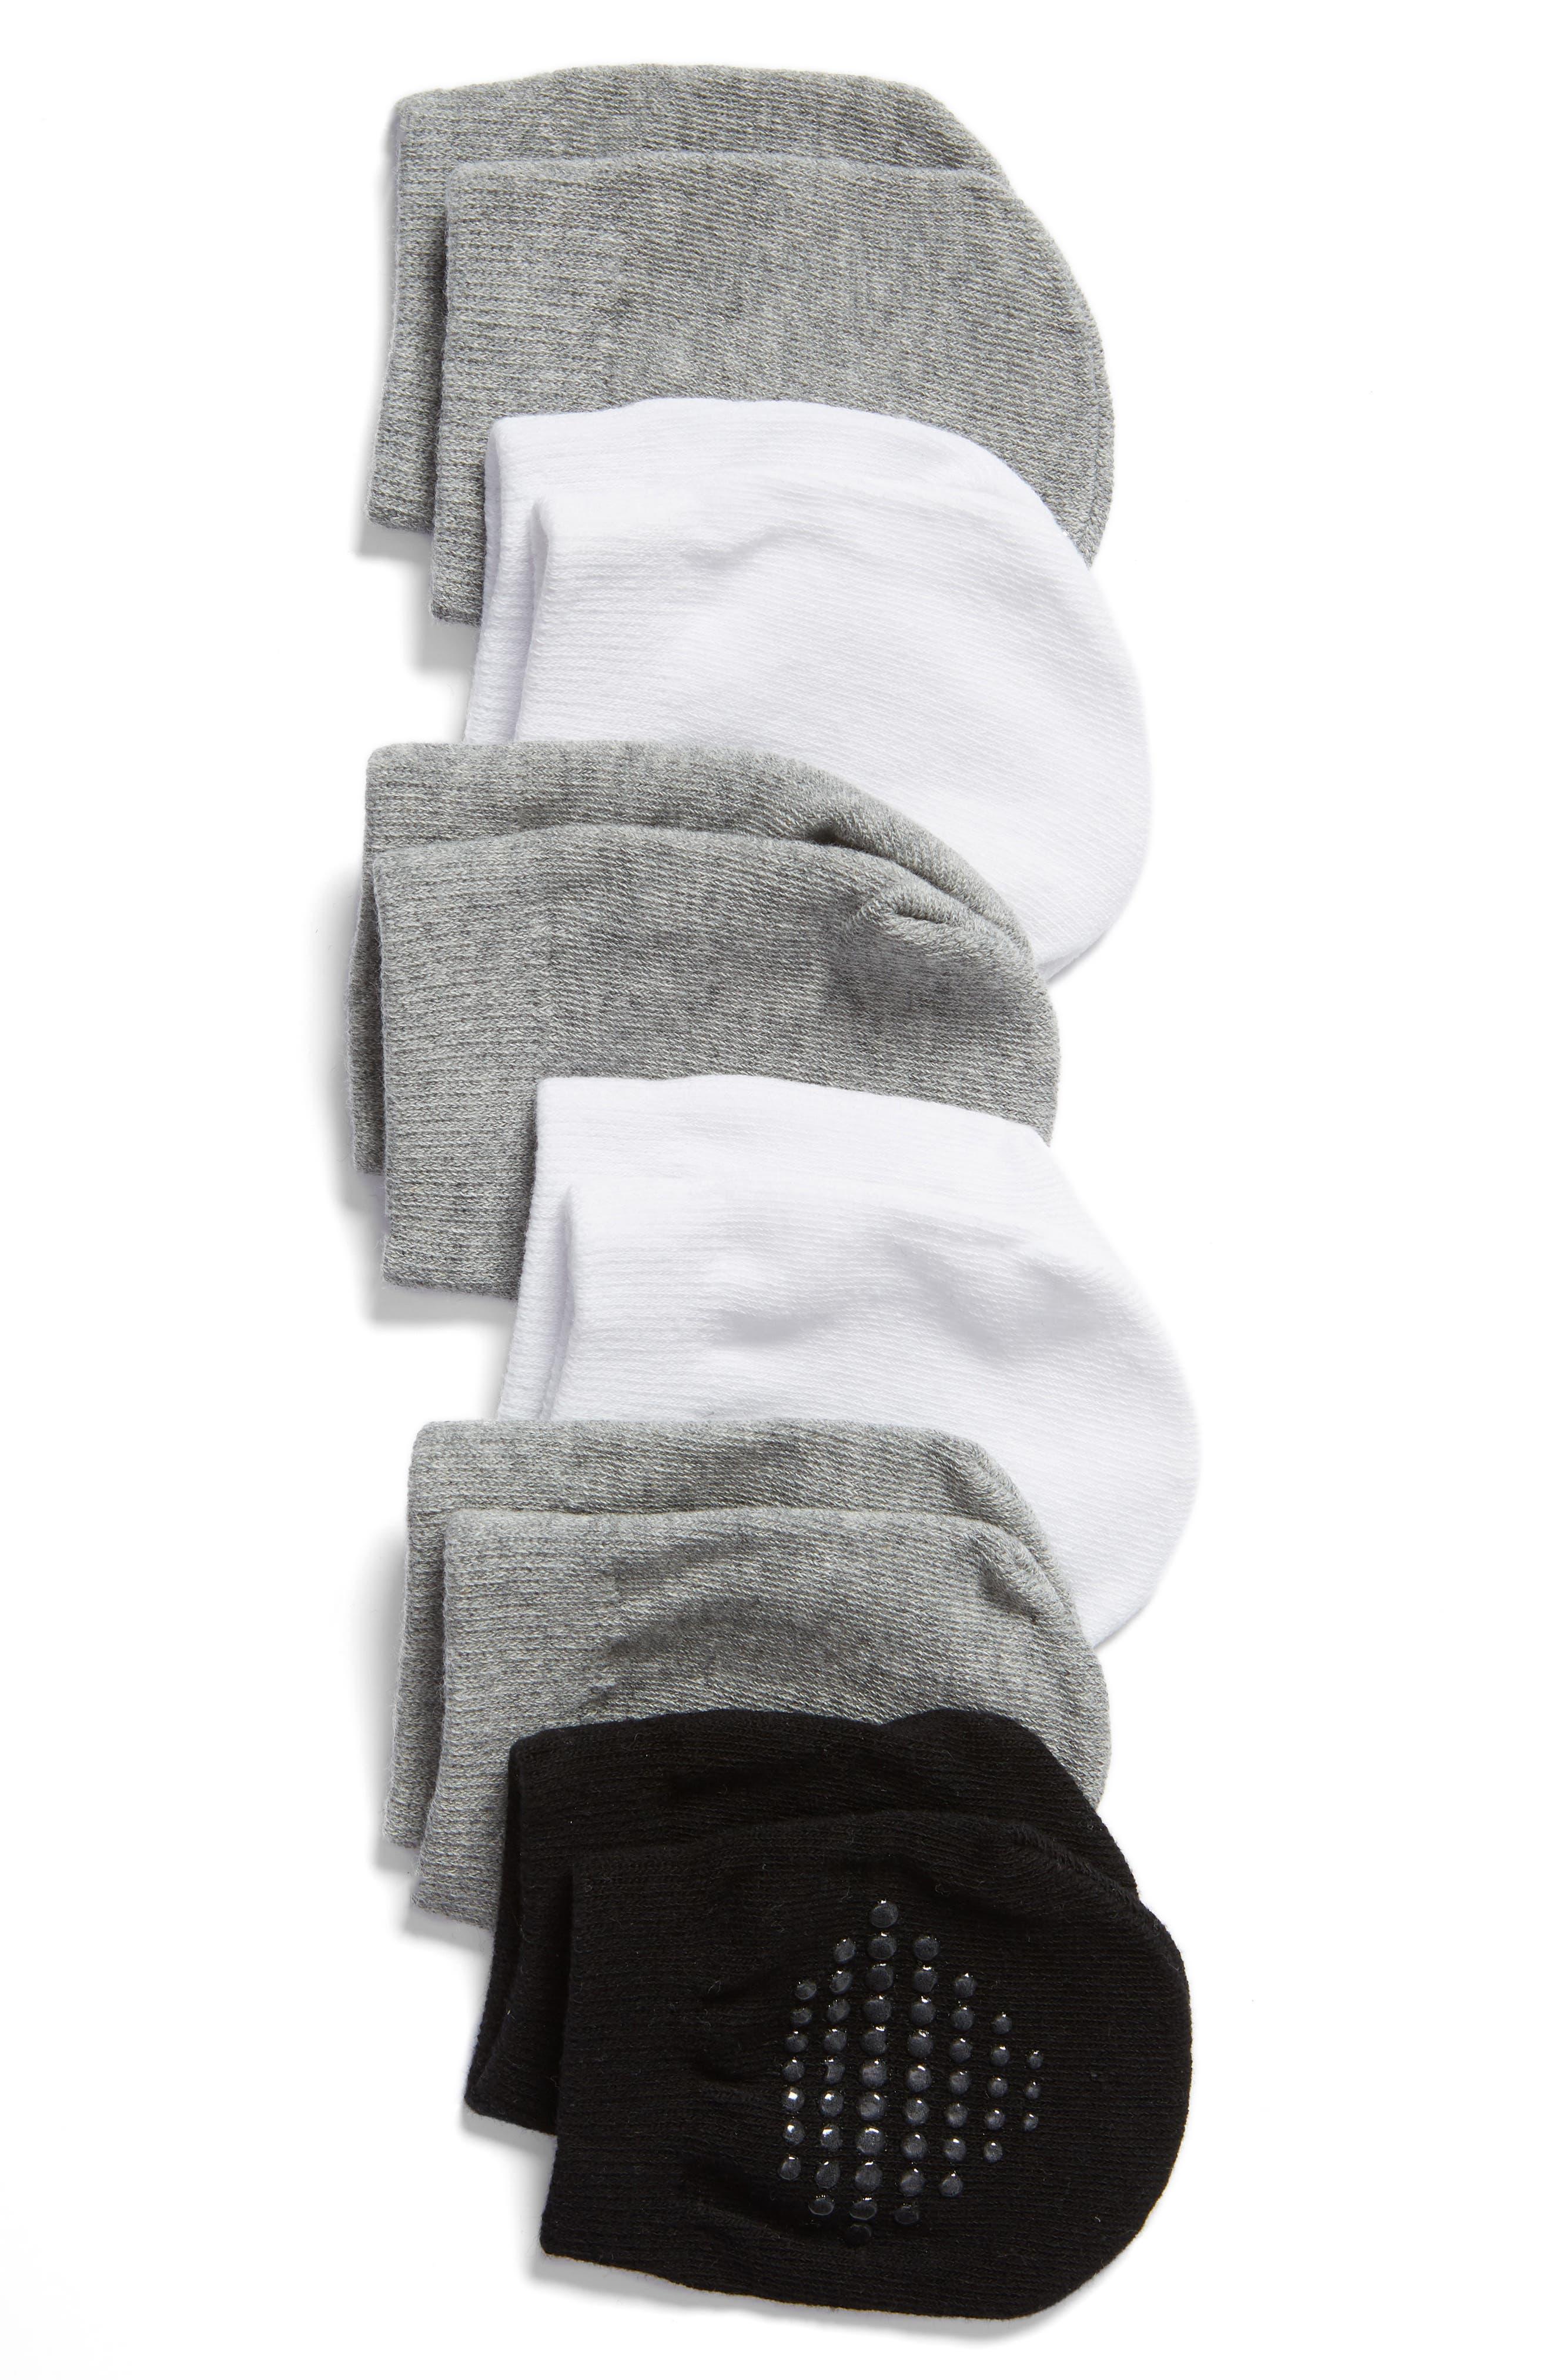 Nordstrom 6-Pack Mule Socks